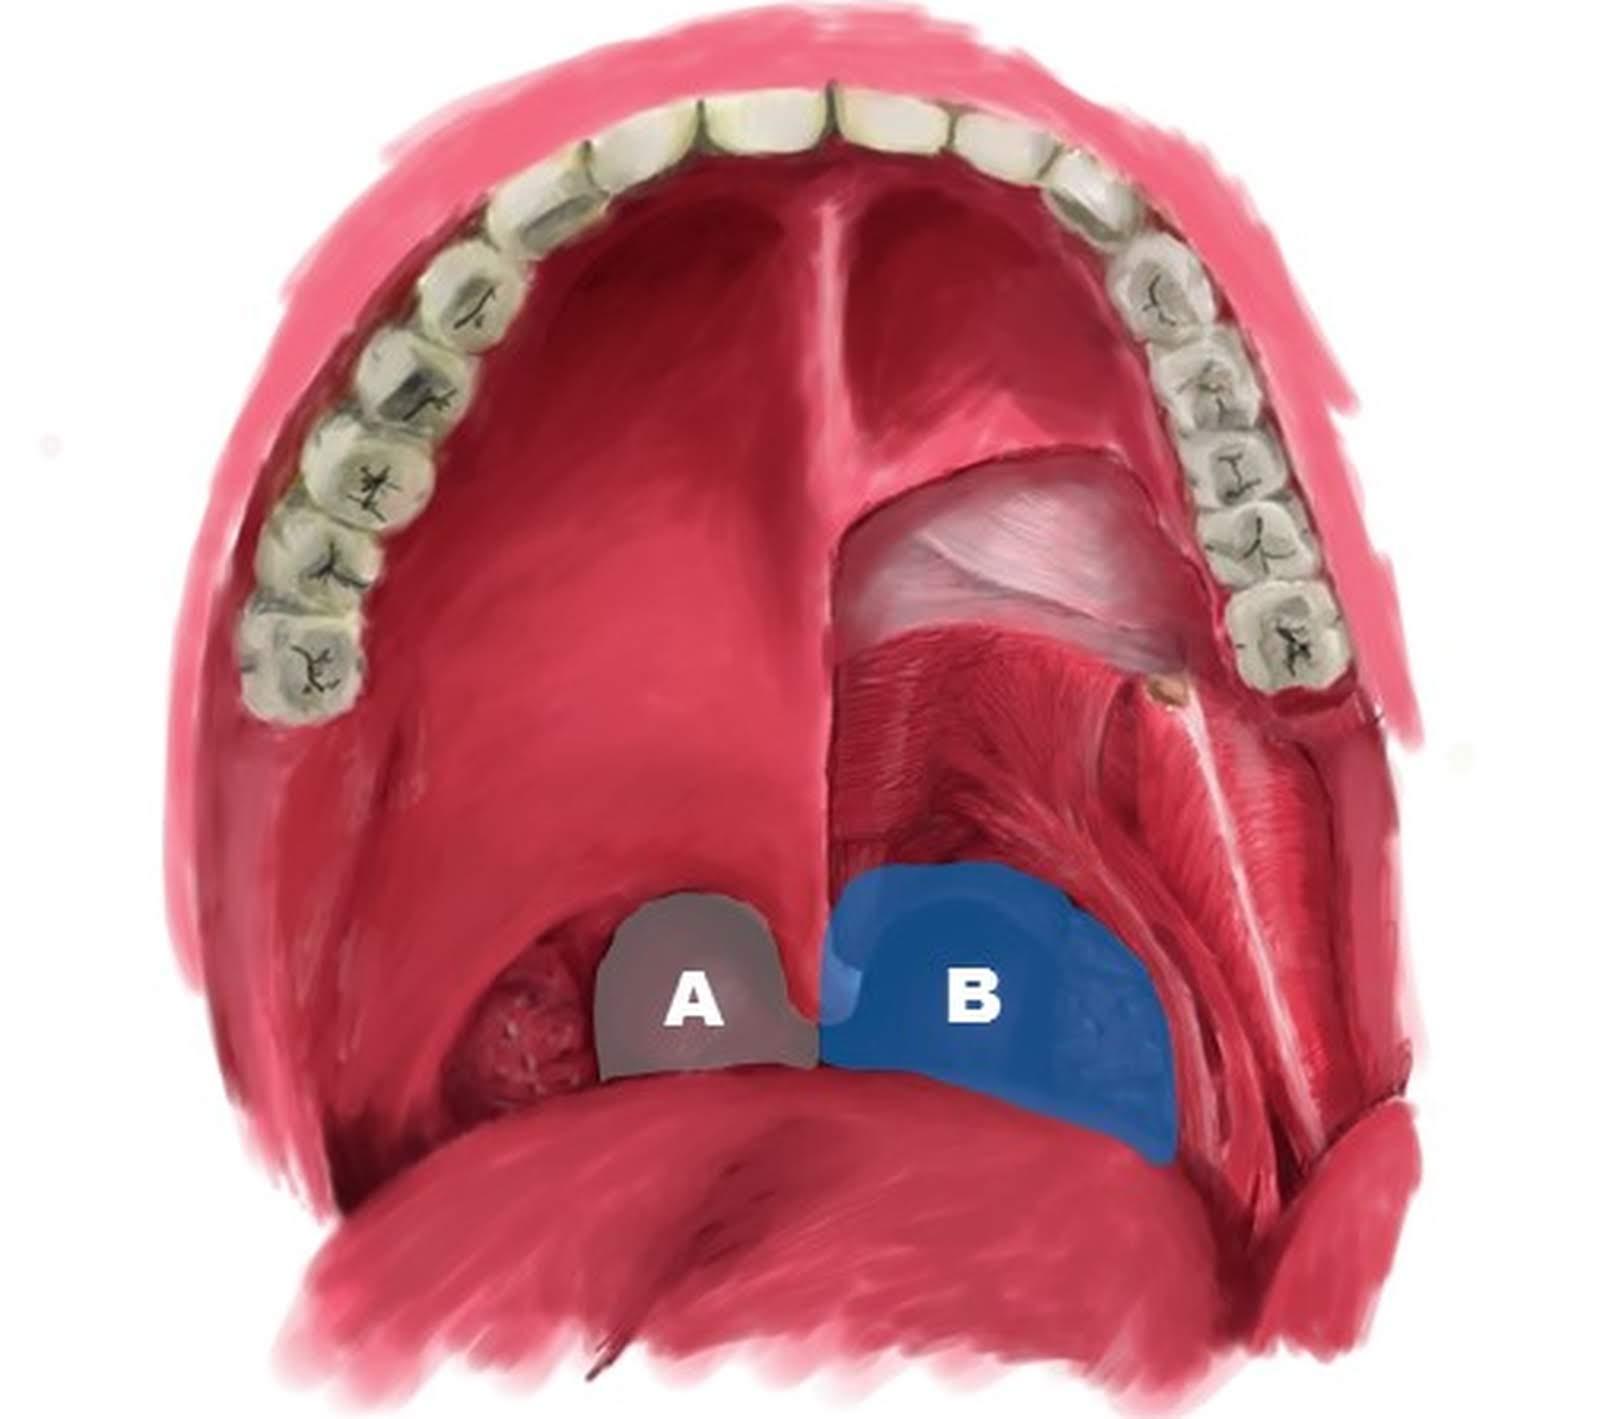 声 扁桃 腺 手術